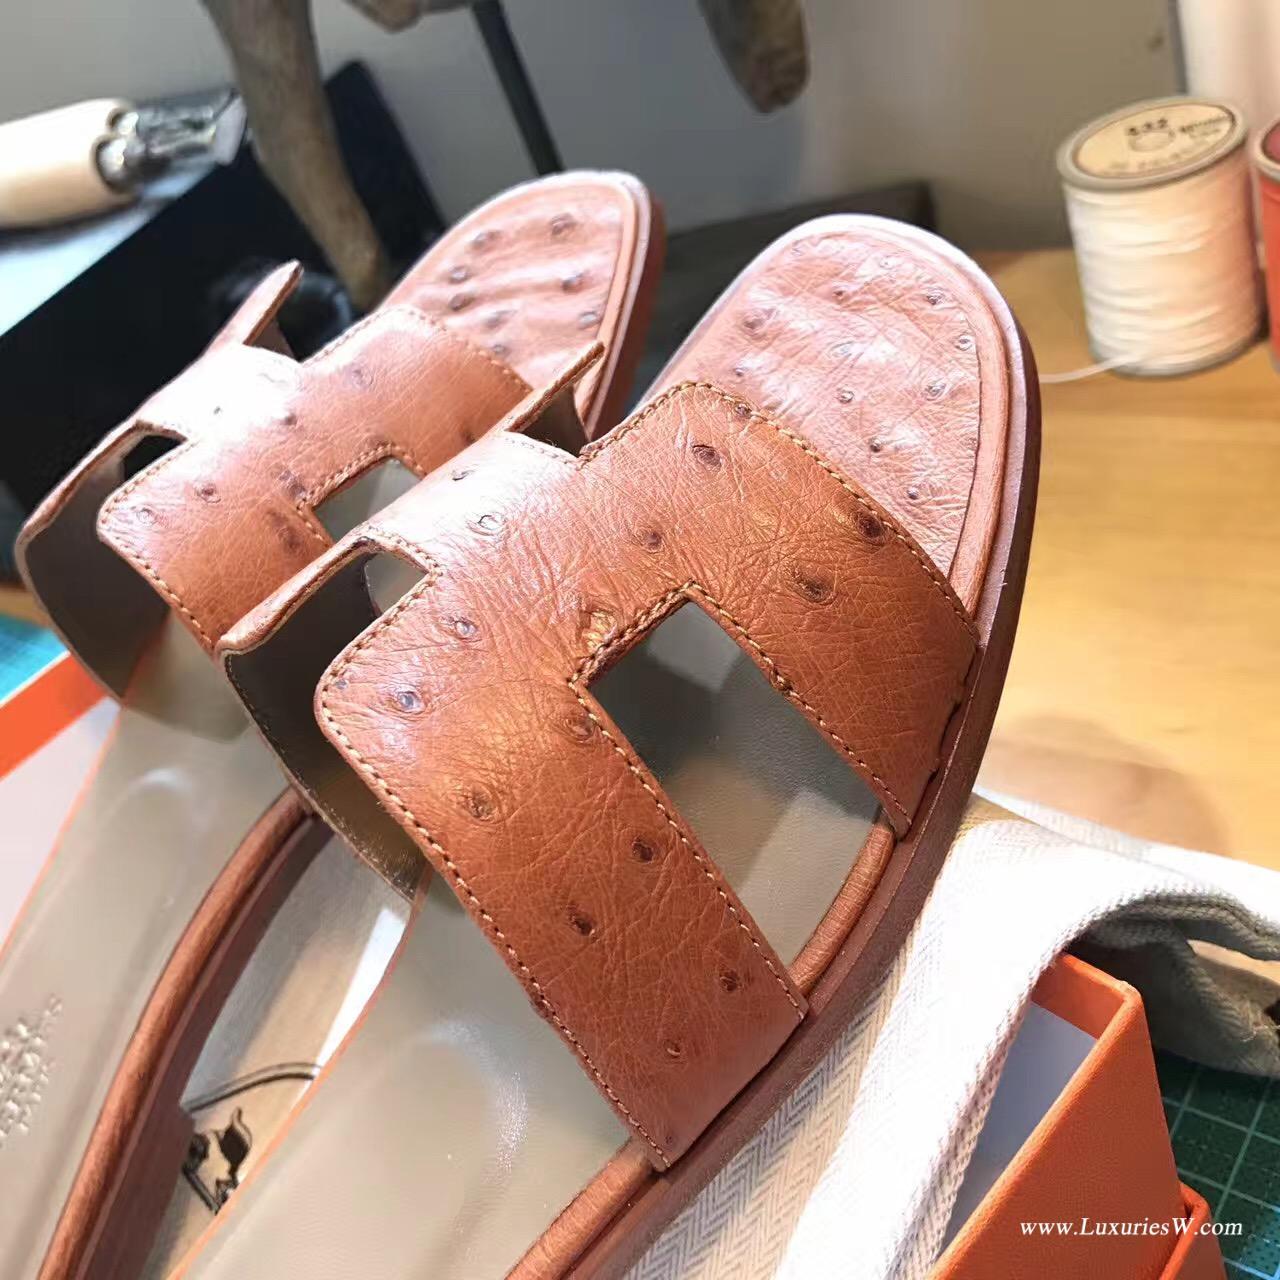 愛馬仕Hermes女士涼鞋 H型拖鞋 鴕鳥皮 CK37 Gold金棕色 平底涼拖鞋